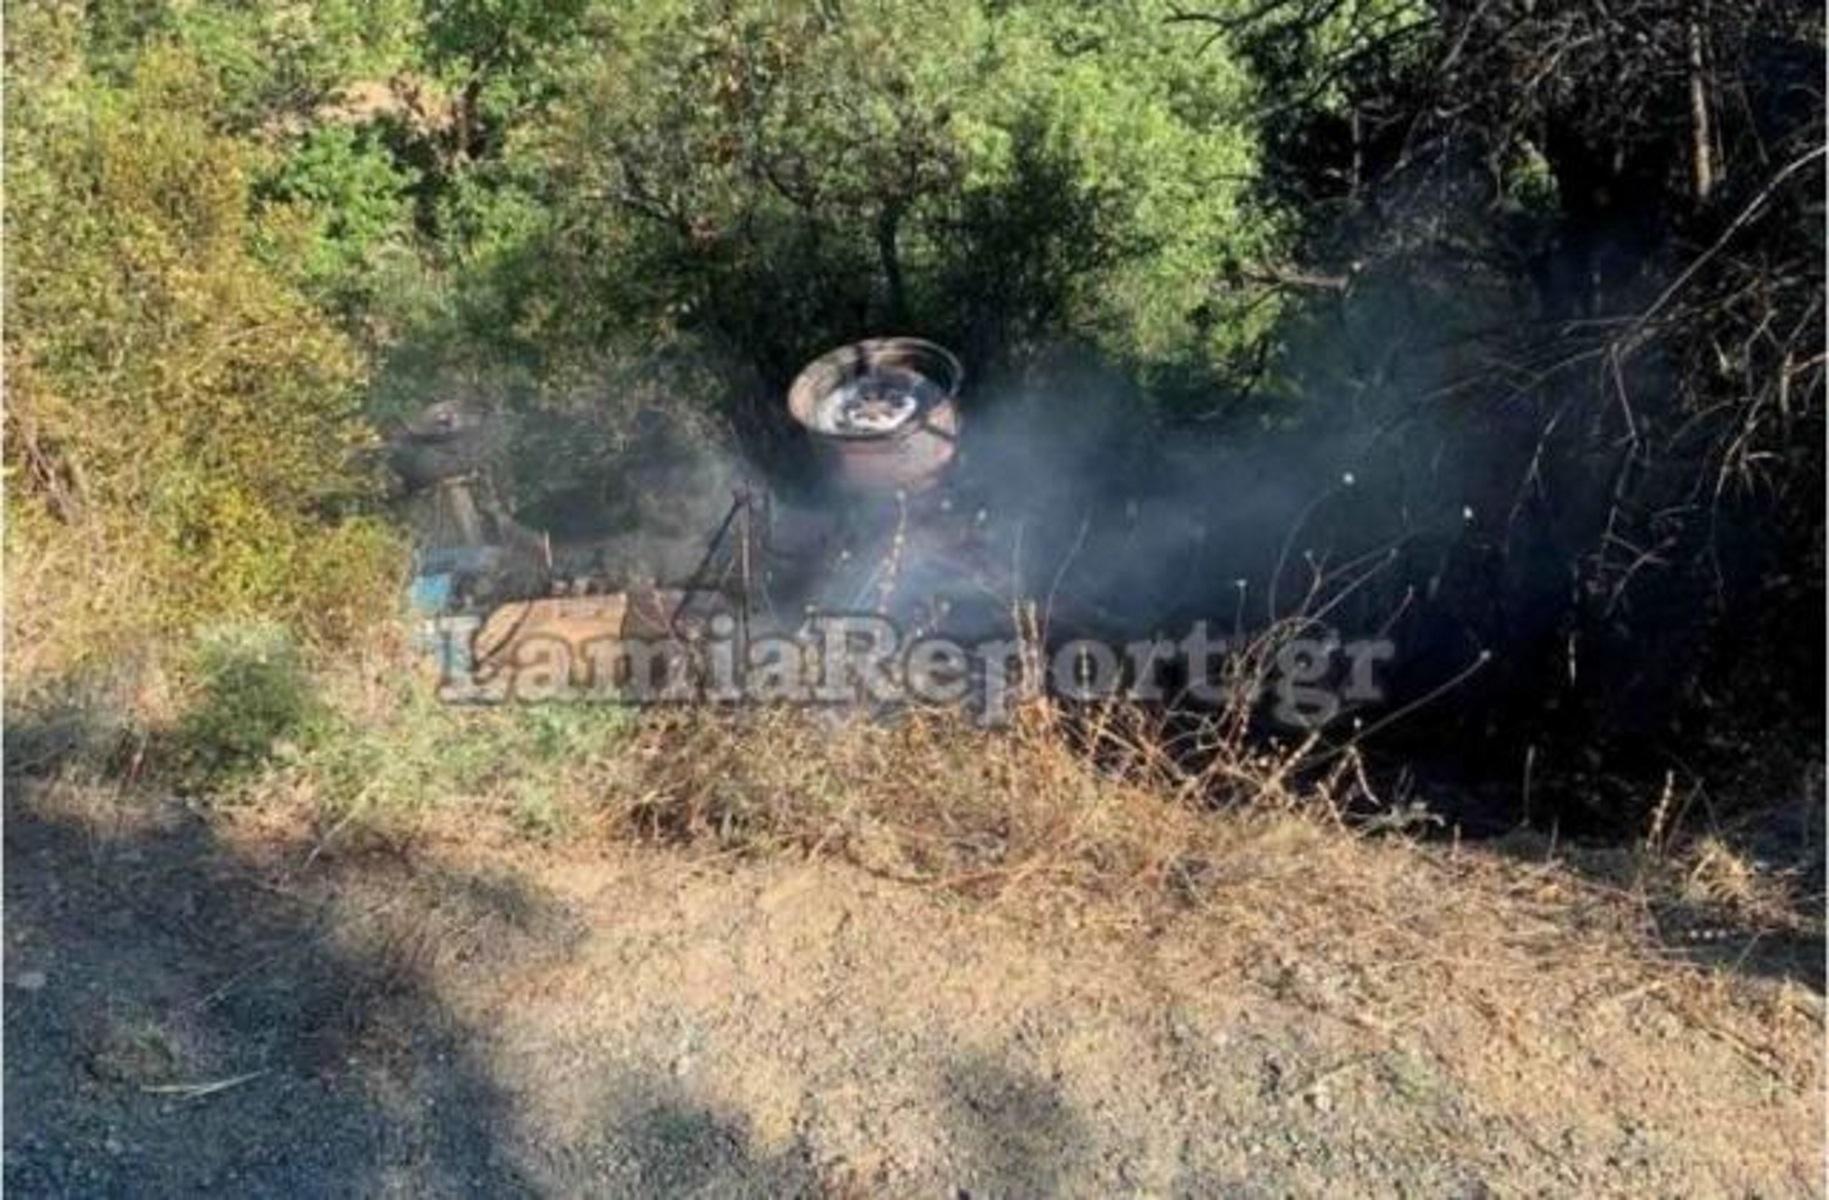 Φθιώτιδα: Τραγικός θάνατος άνδρα – Εγκλωβίστηκε στο τρακτέρ που ανατράπηκε και κάηκε